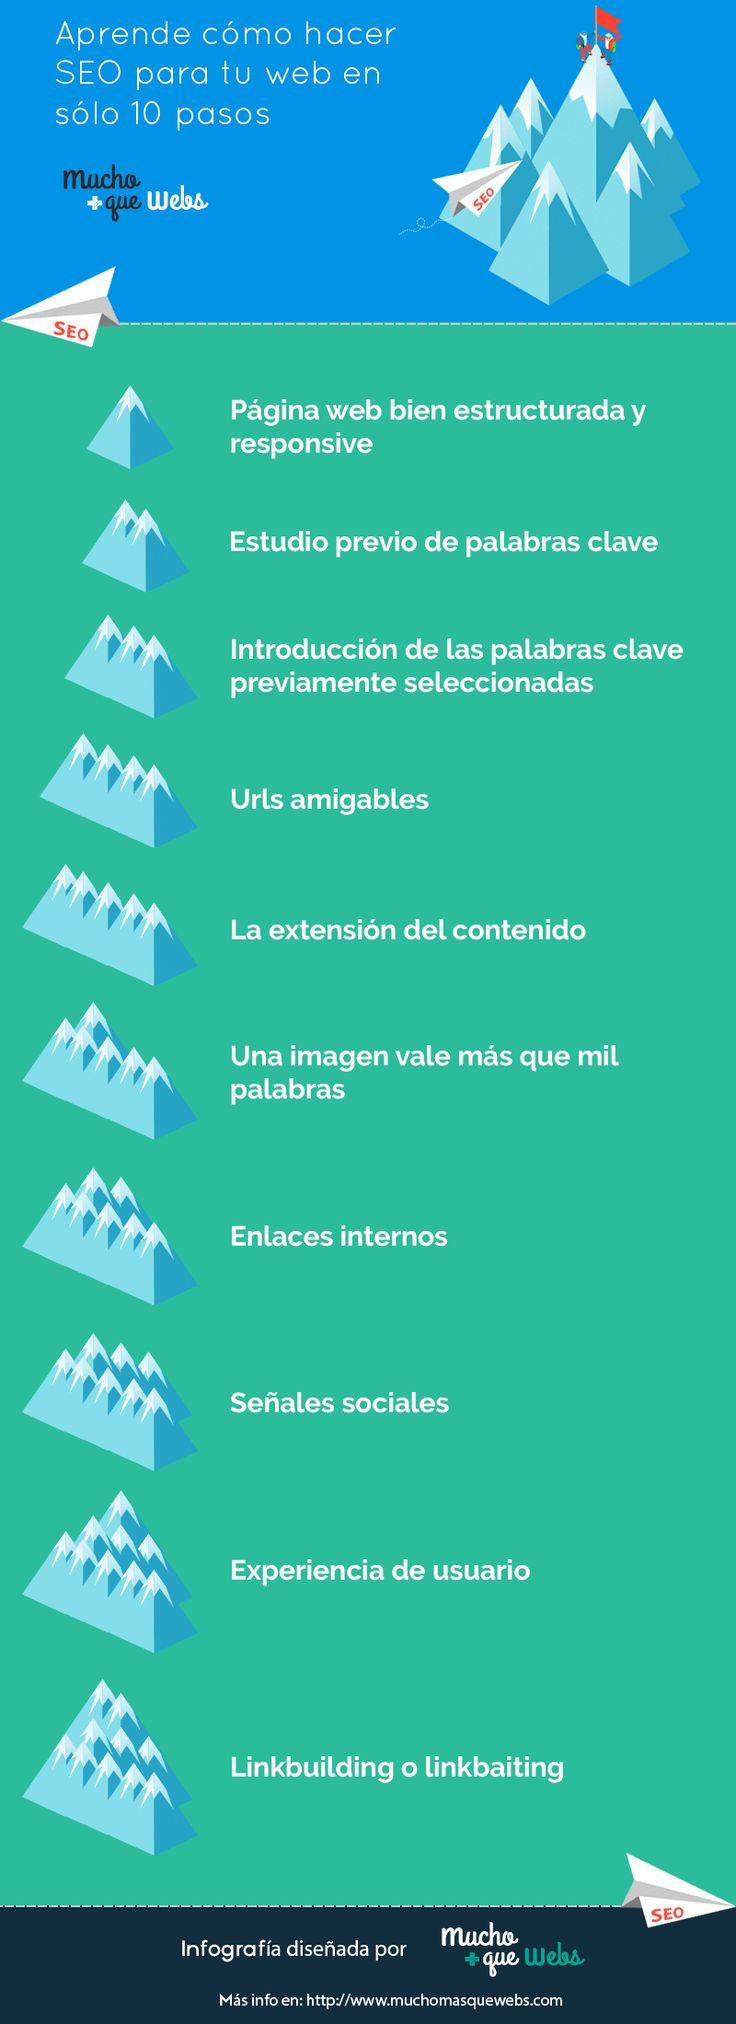 Infografia en castellano con 10 pasos para realizar el posicionamiento SEO de una web by @muchomasquewebs #seo #posicionamiento web #optimizacion en buscadores #search engine optimization #infografia